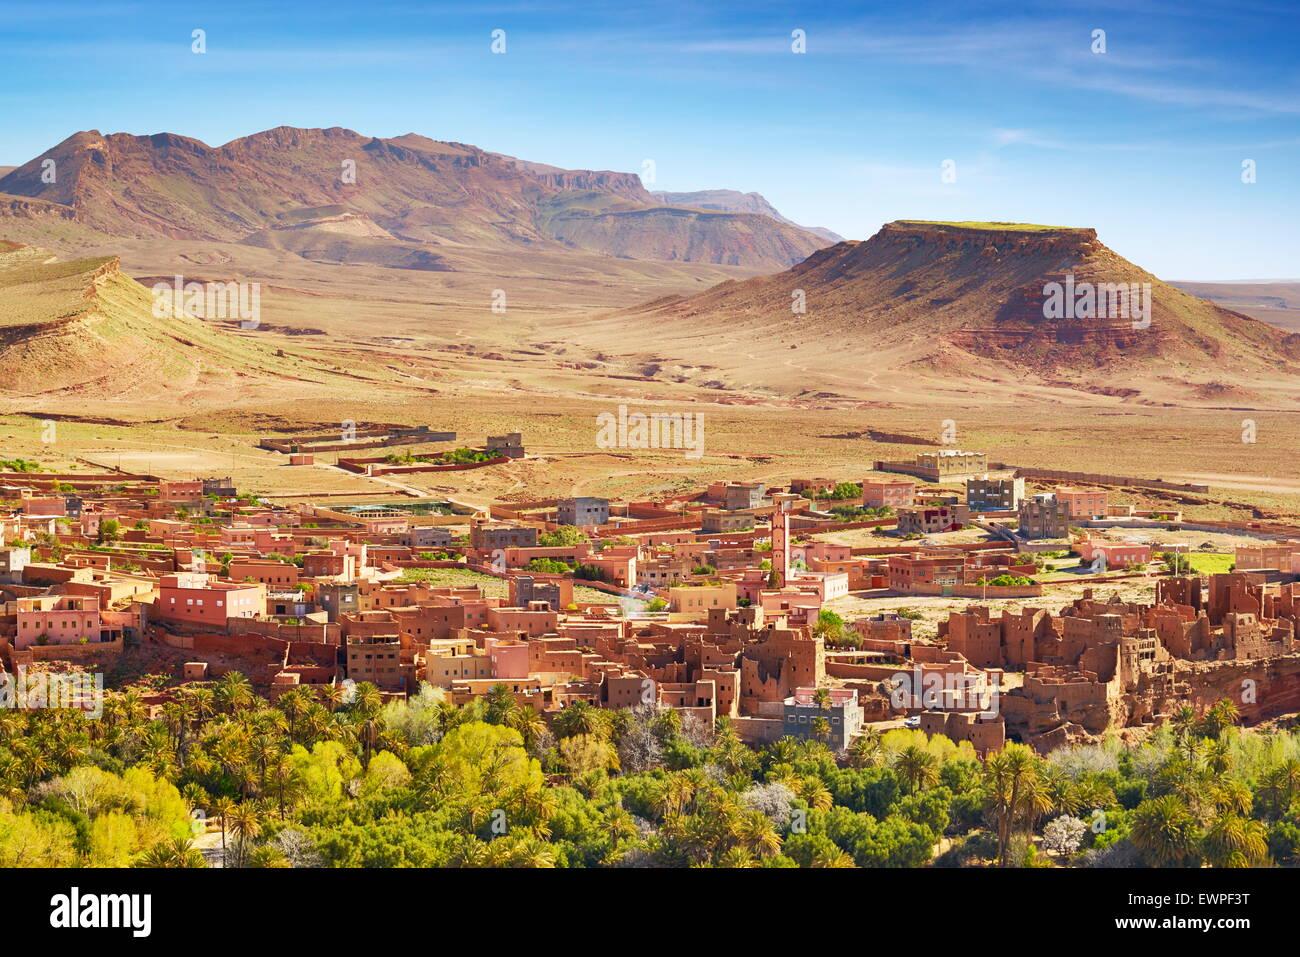 Tinghir, Todra región. Región montañosa de Atlas, Marruecos Imagen De Stock